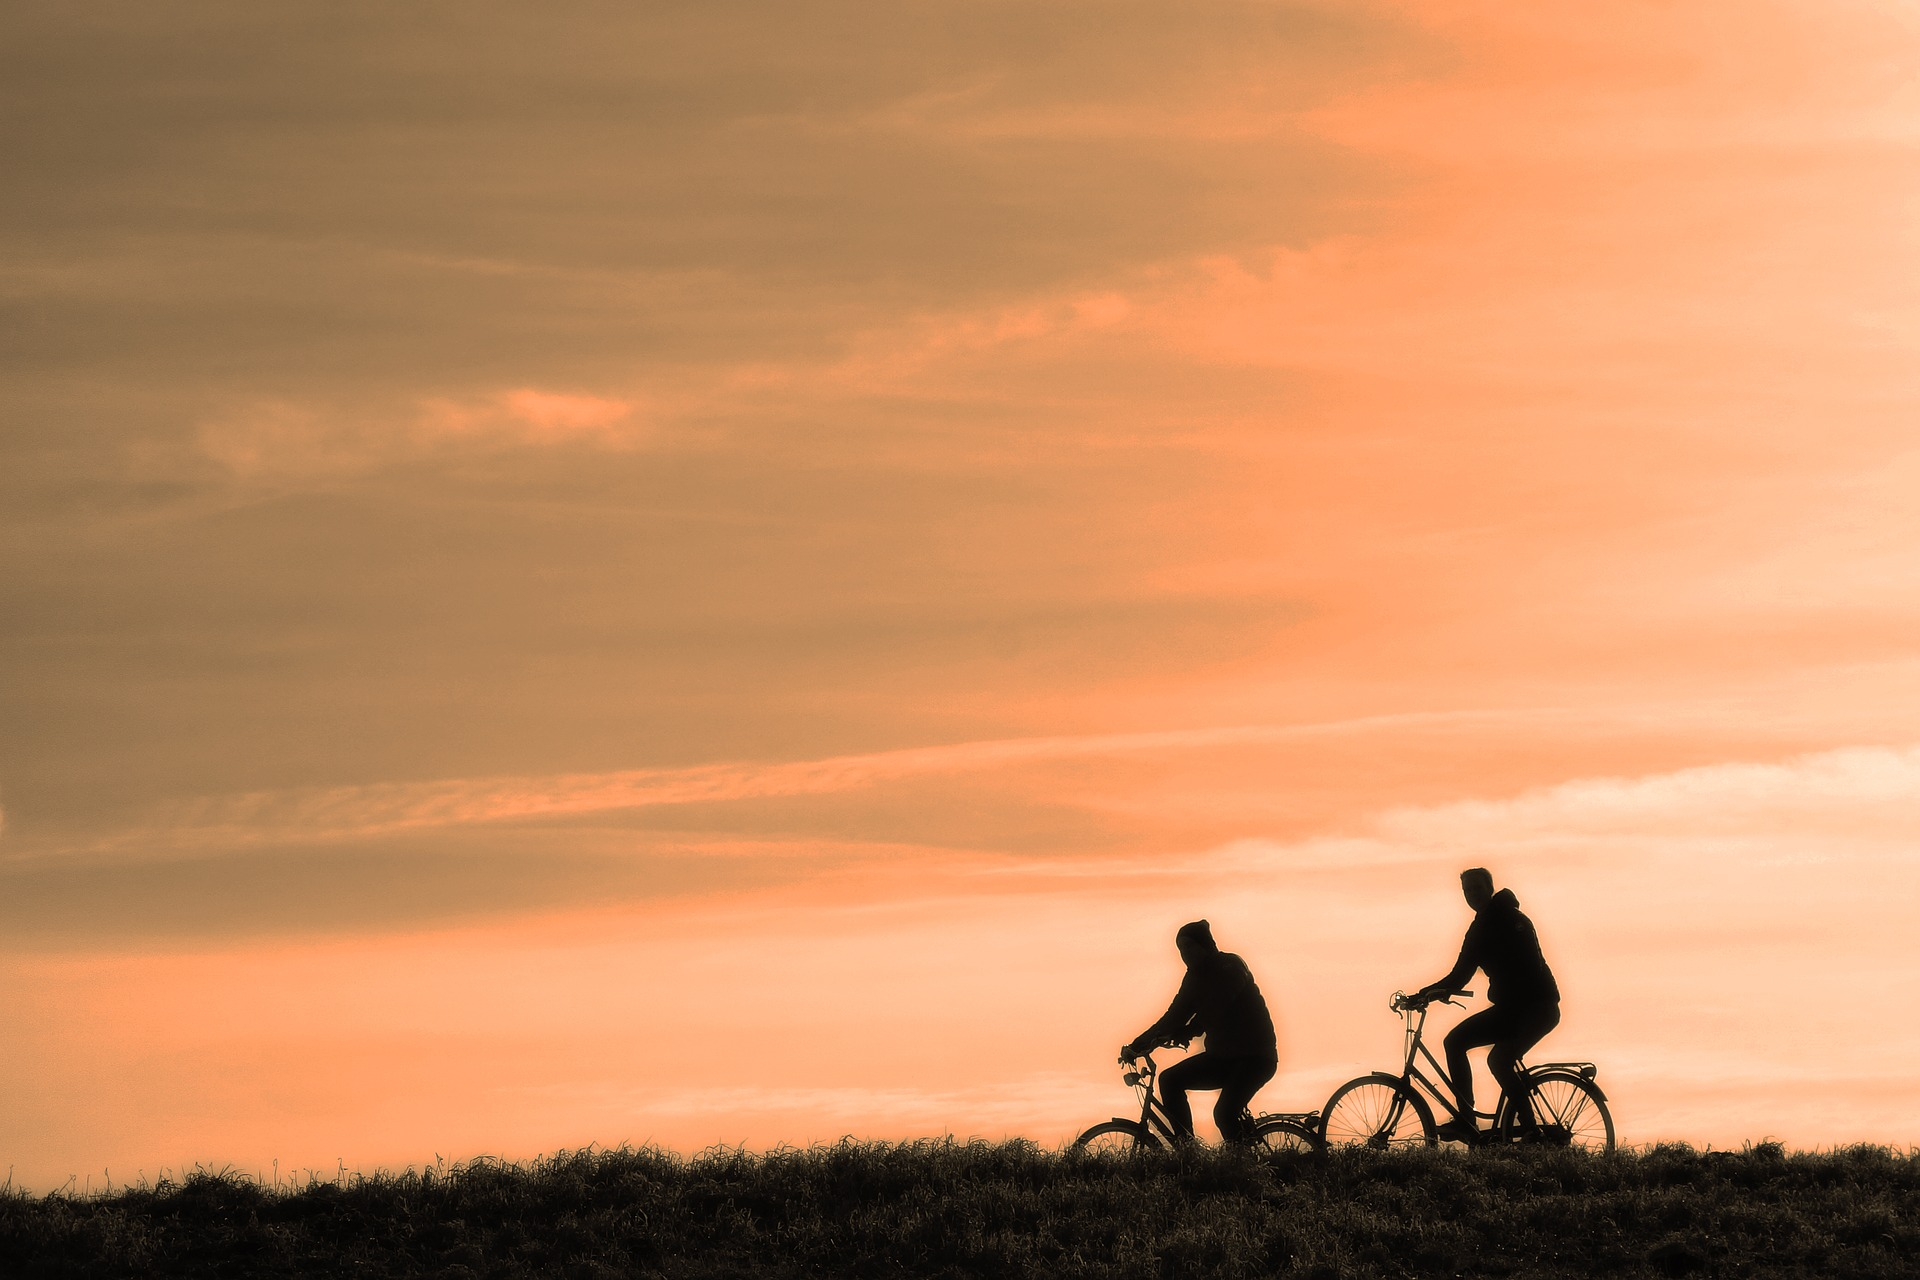 Το πρώτο βήμα για να γυμναζόμαστε περισσότερο είναι η κατανόηση της προσωπικότητάς μας.